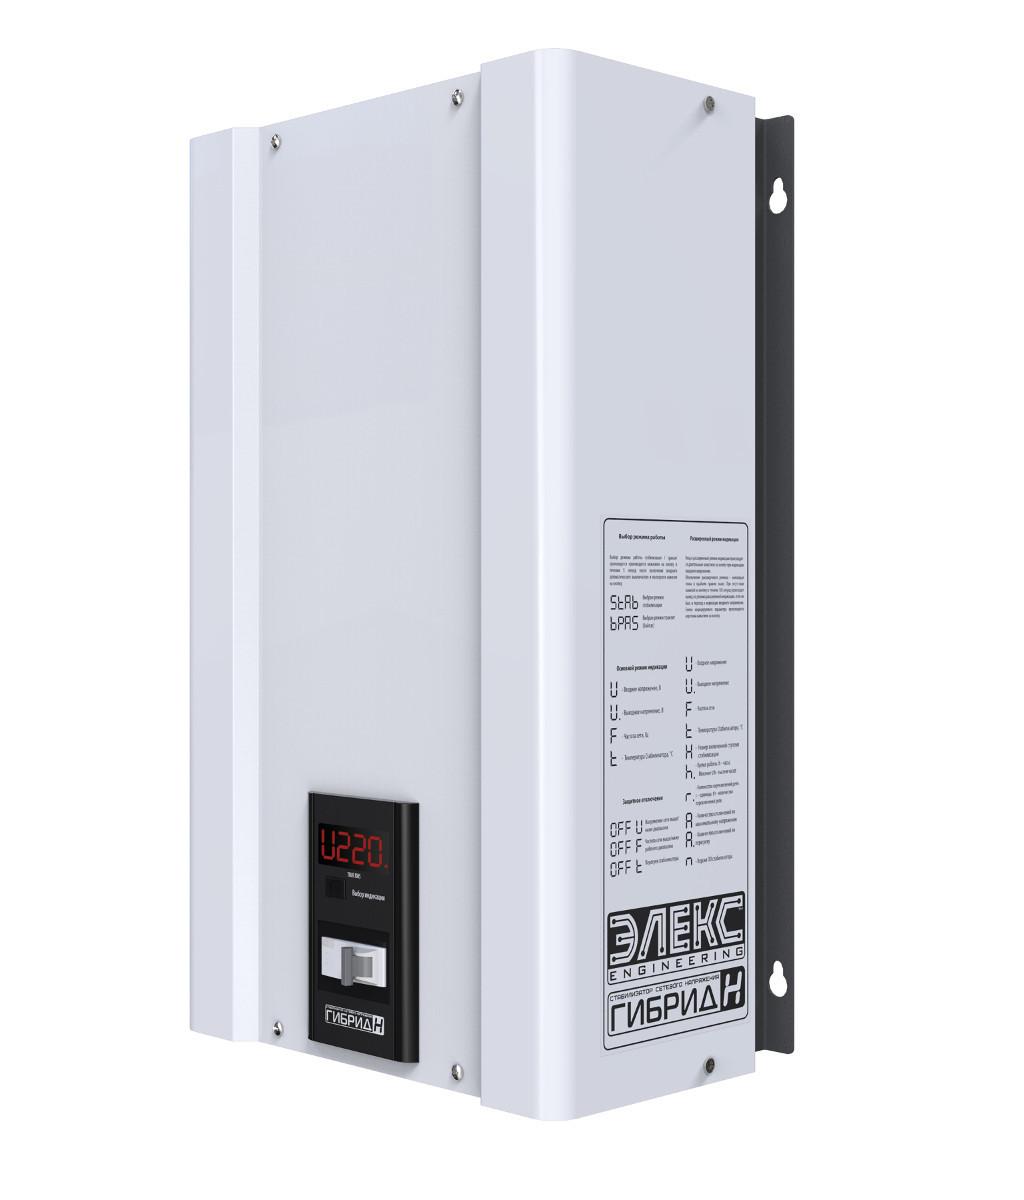 Стабилизатор напряжения 5.5 кВт ЭЛЕКС Гибрид 9-1/25A v2.0